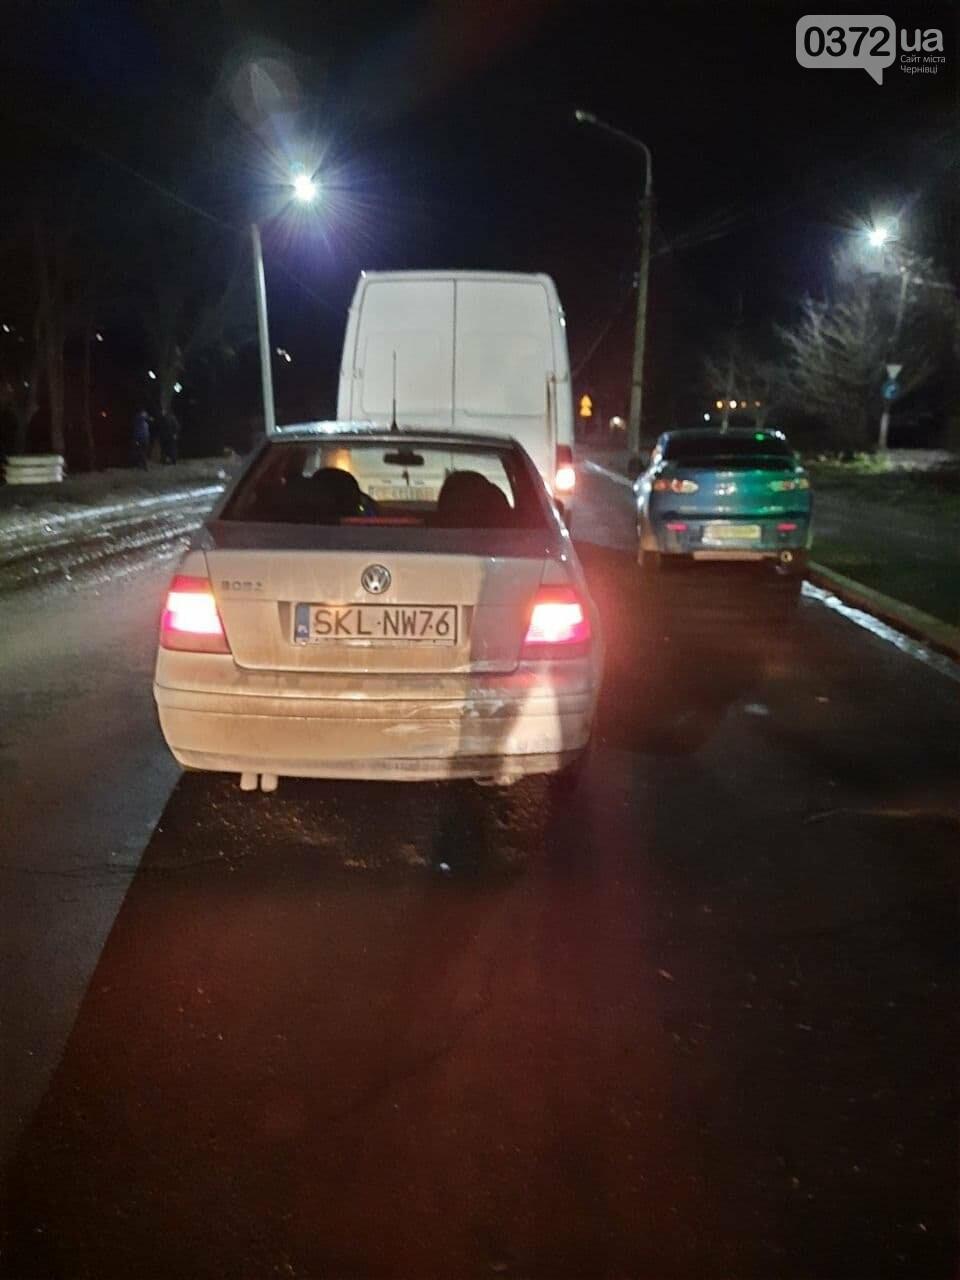 ДТП у Чернівцях, фото - 0372.ua